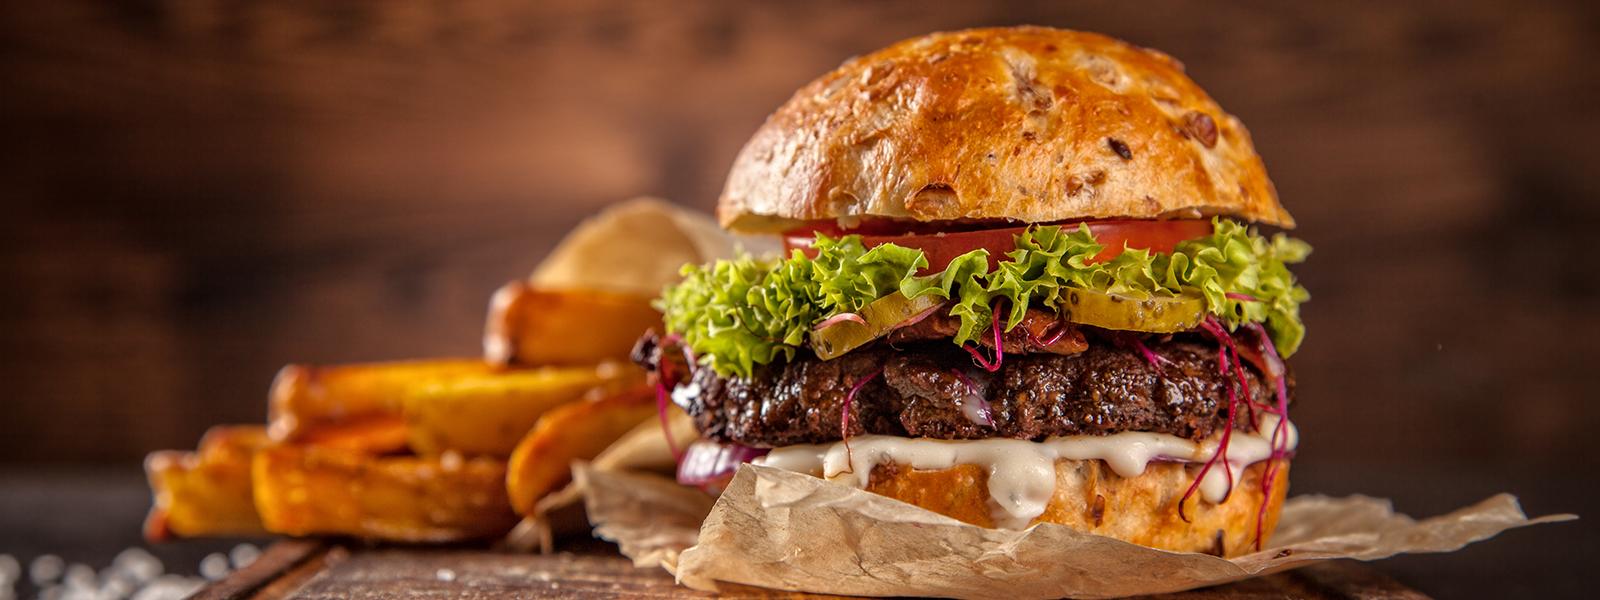 Royal Kebab Royal Kebab Banbury Takeaway Order Online